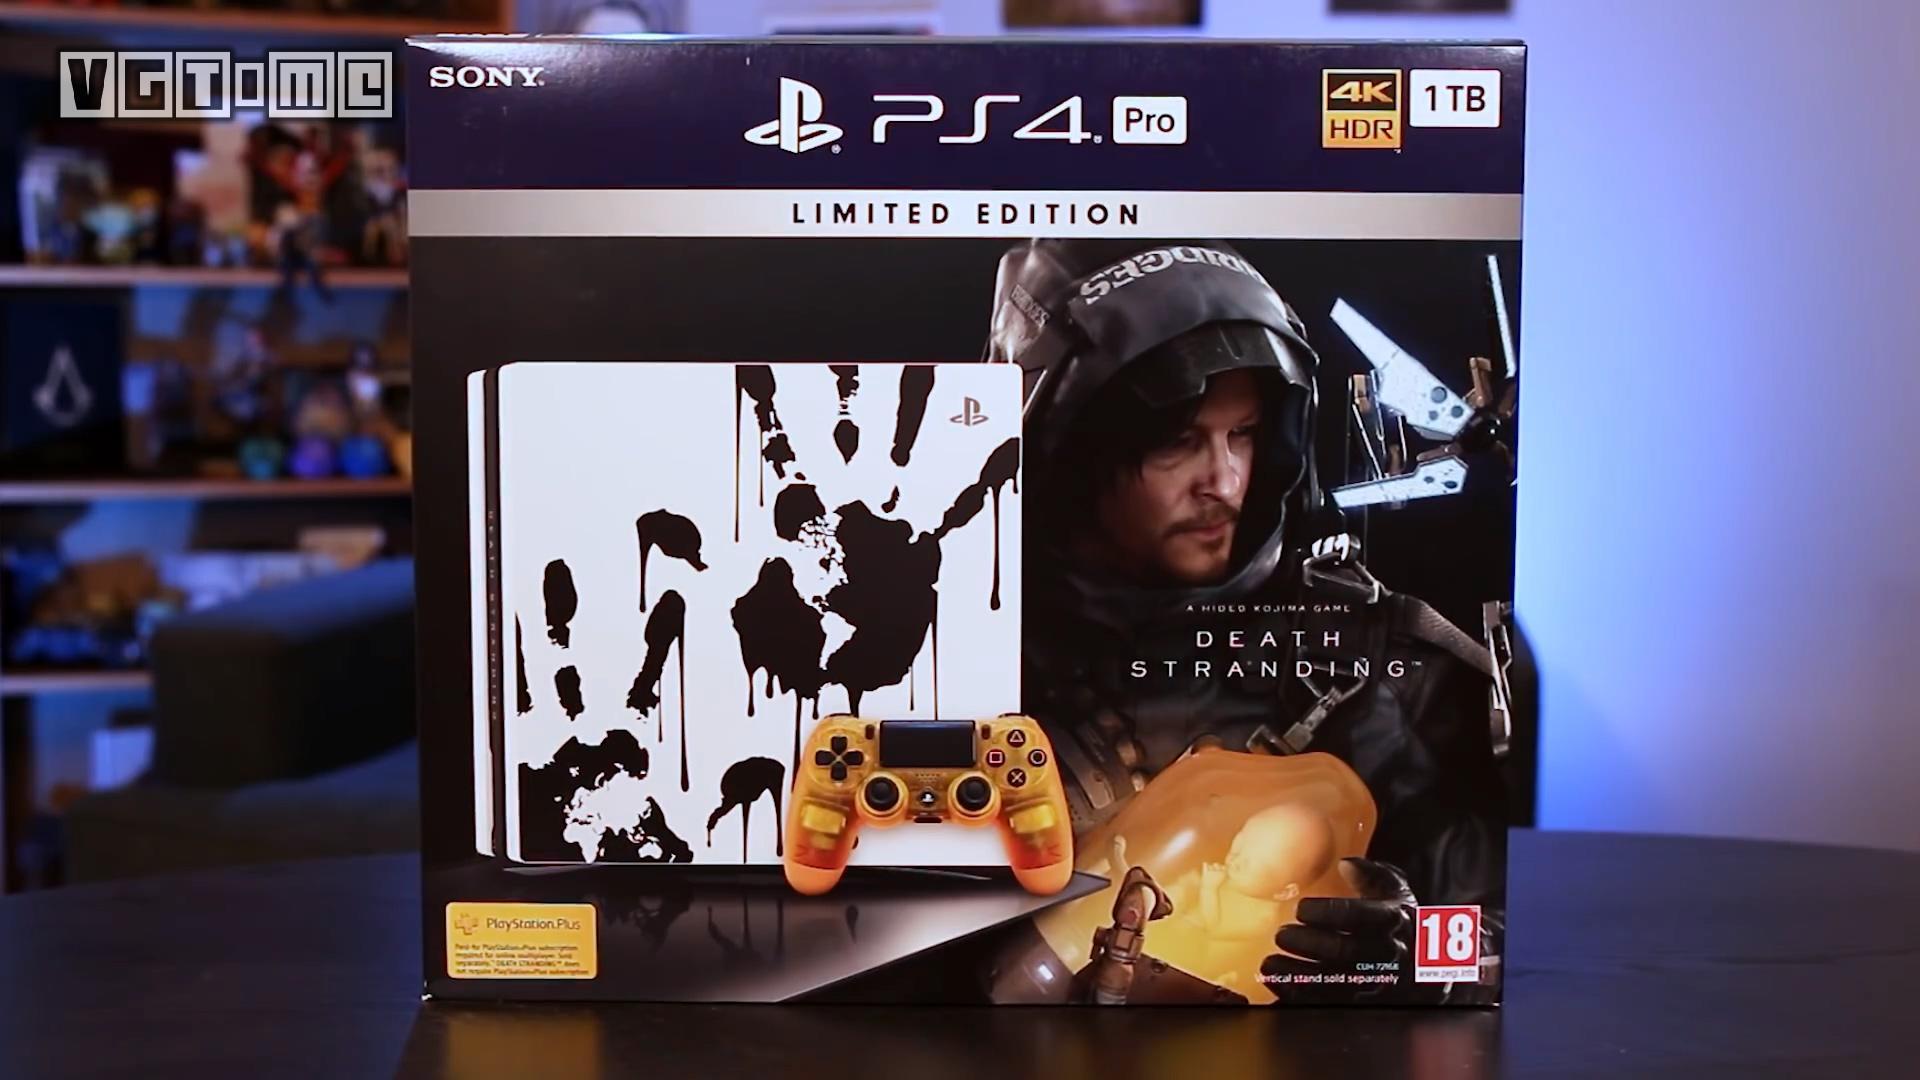 《死亡搁浅》典藏版及限定PS4 Pro套装开箱视频